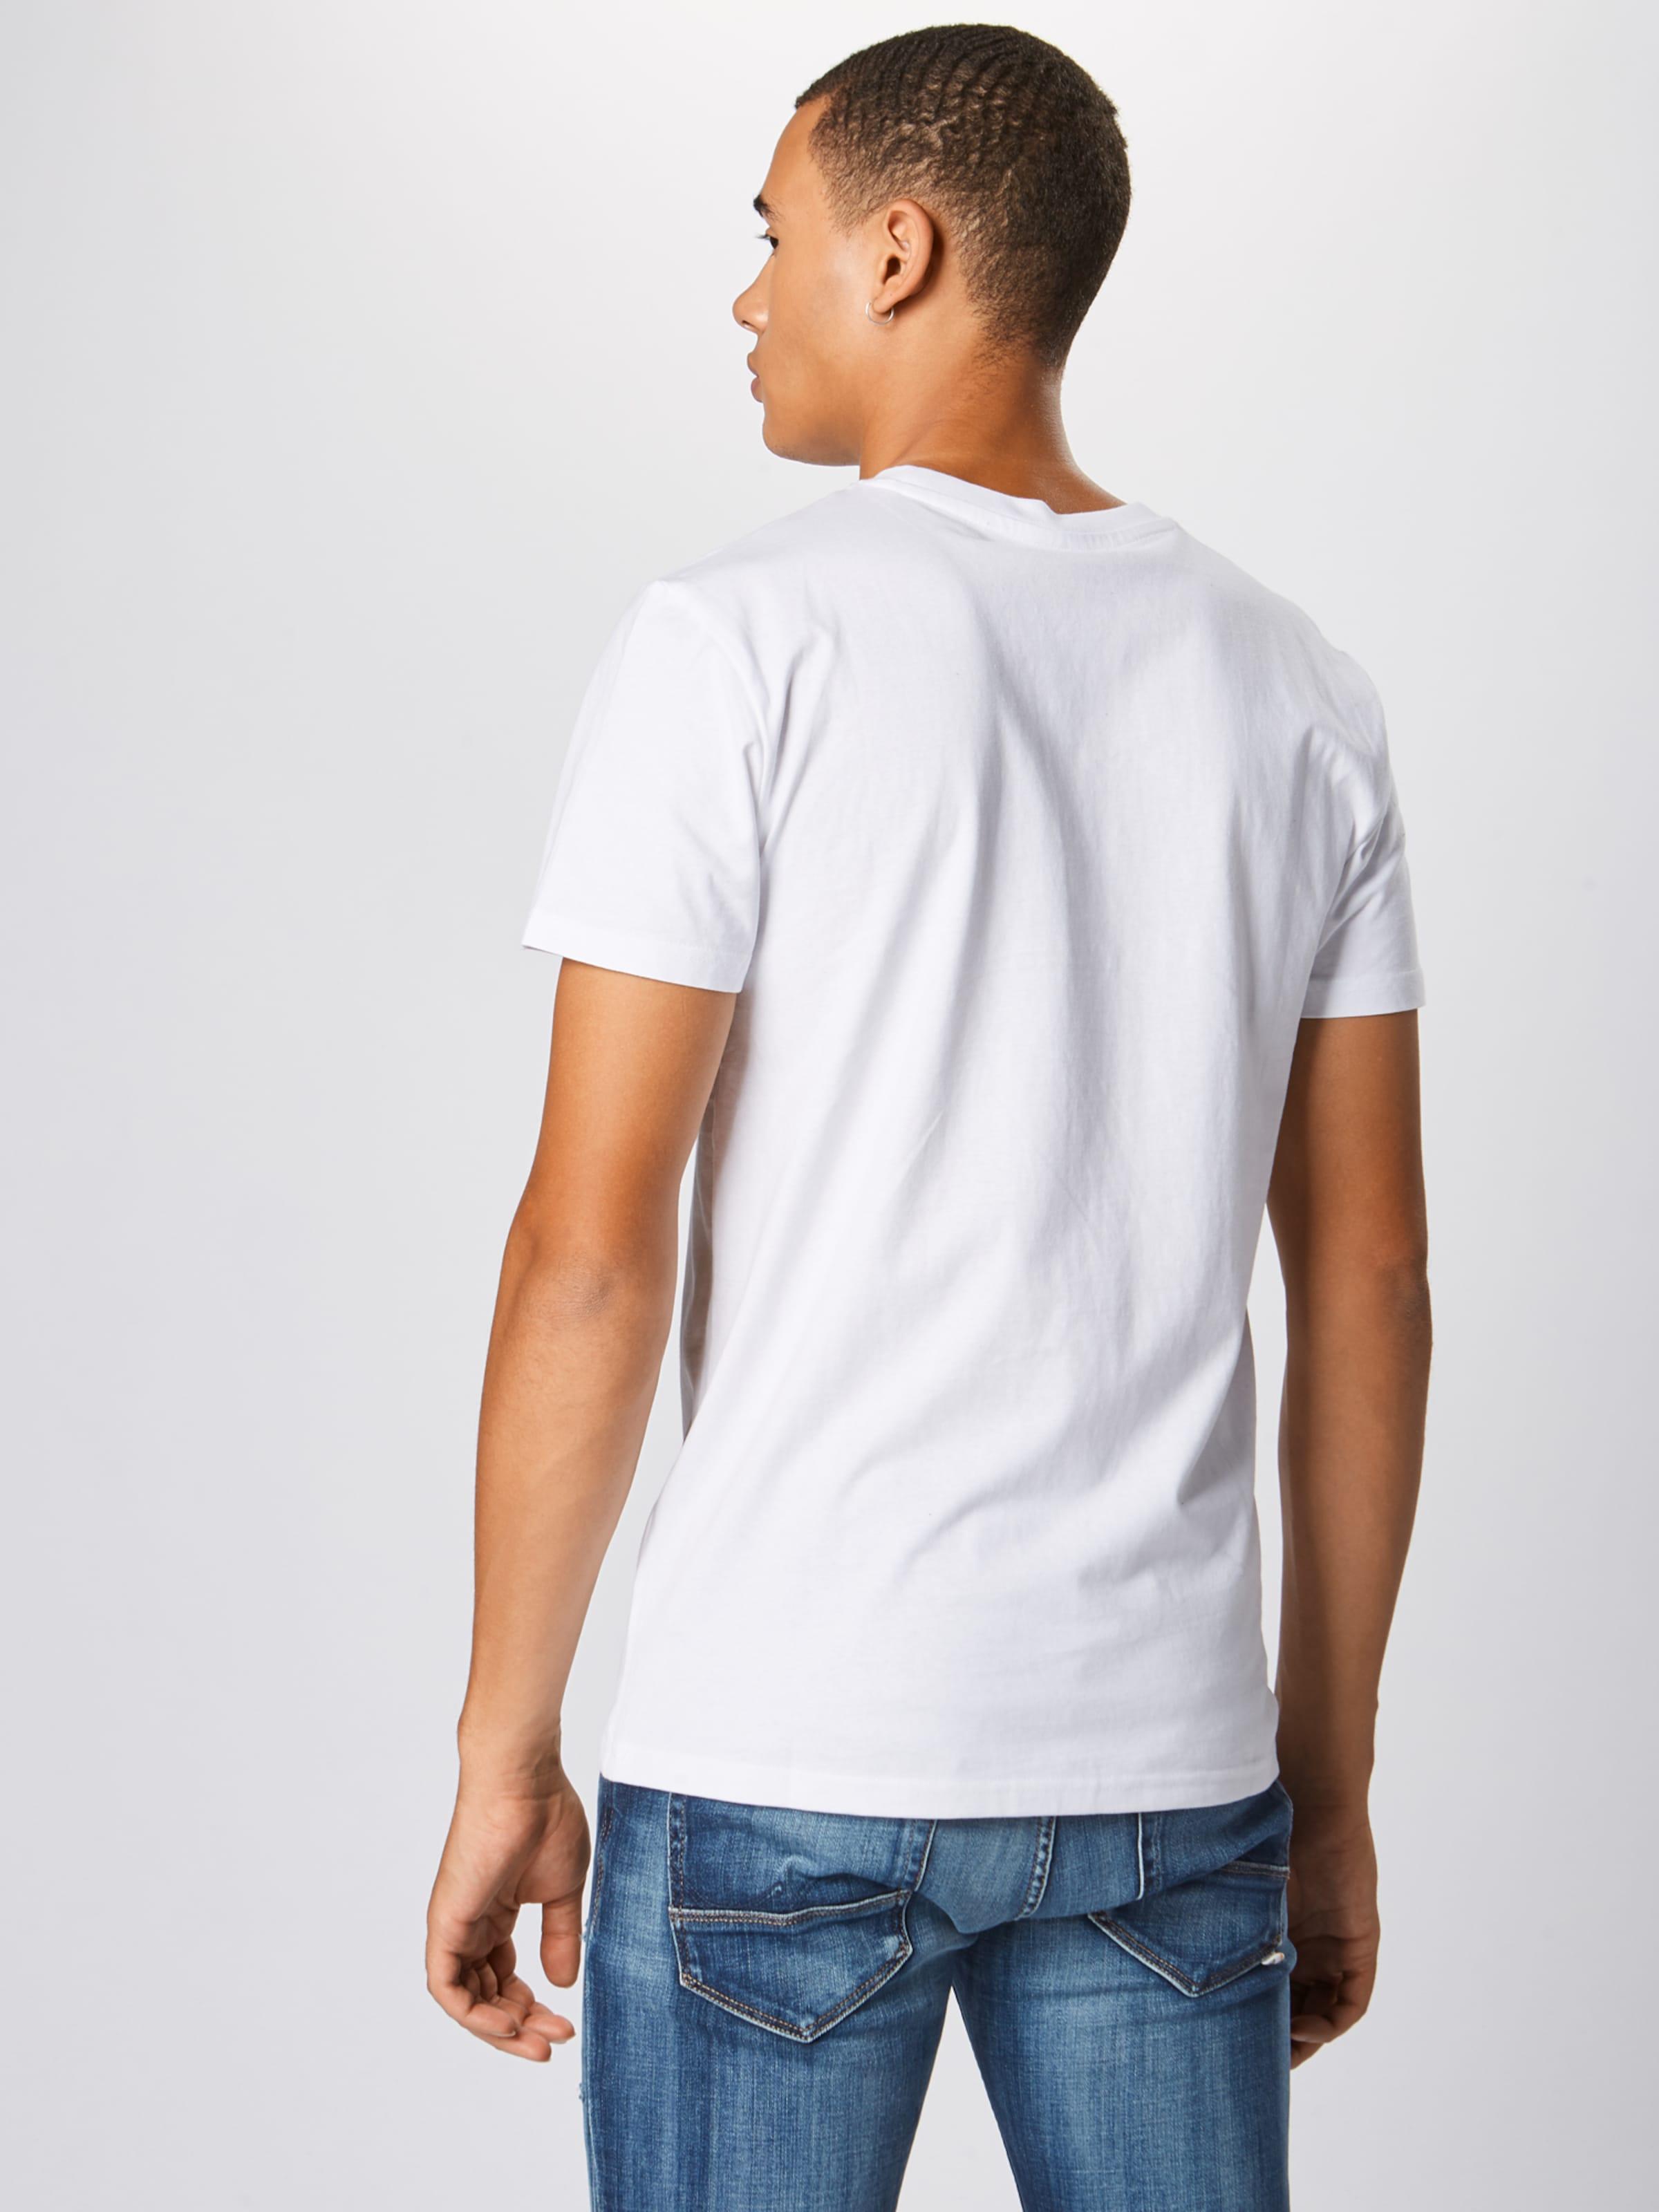 'box' En Review shirt RougeBlanc T RqSc54Lj3A